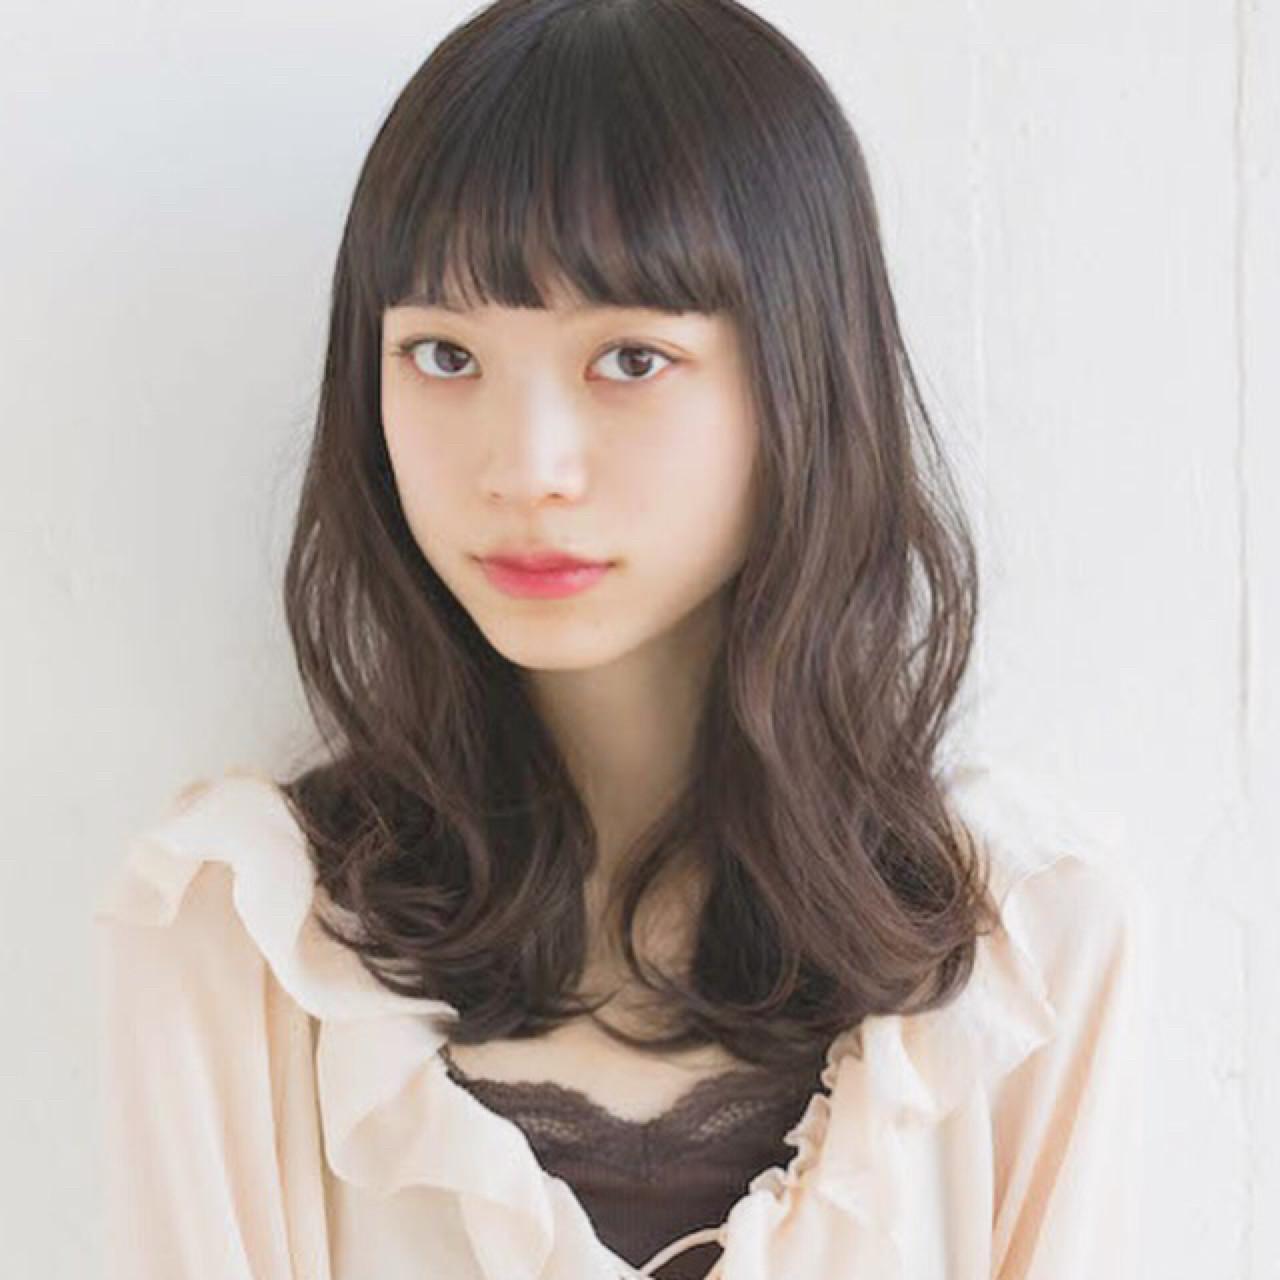 揺れる毛先が可愛い黒髪ミディアム♡ 竹澤 優/relian銀座